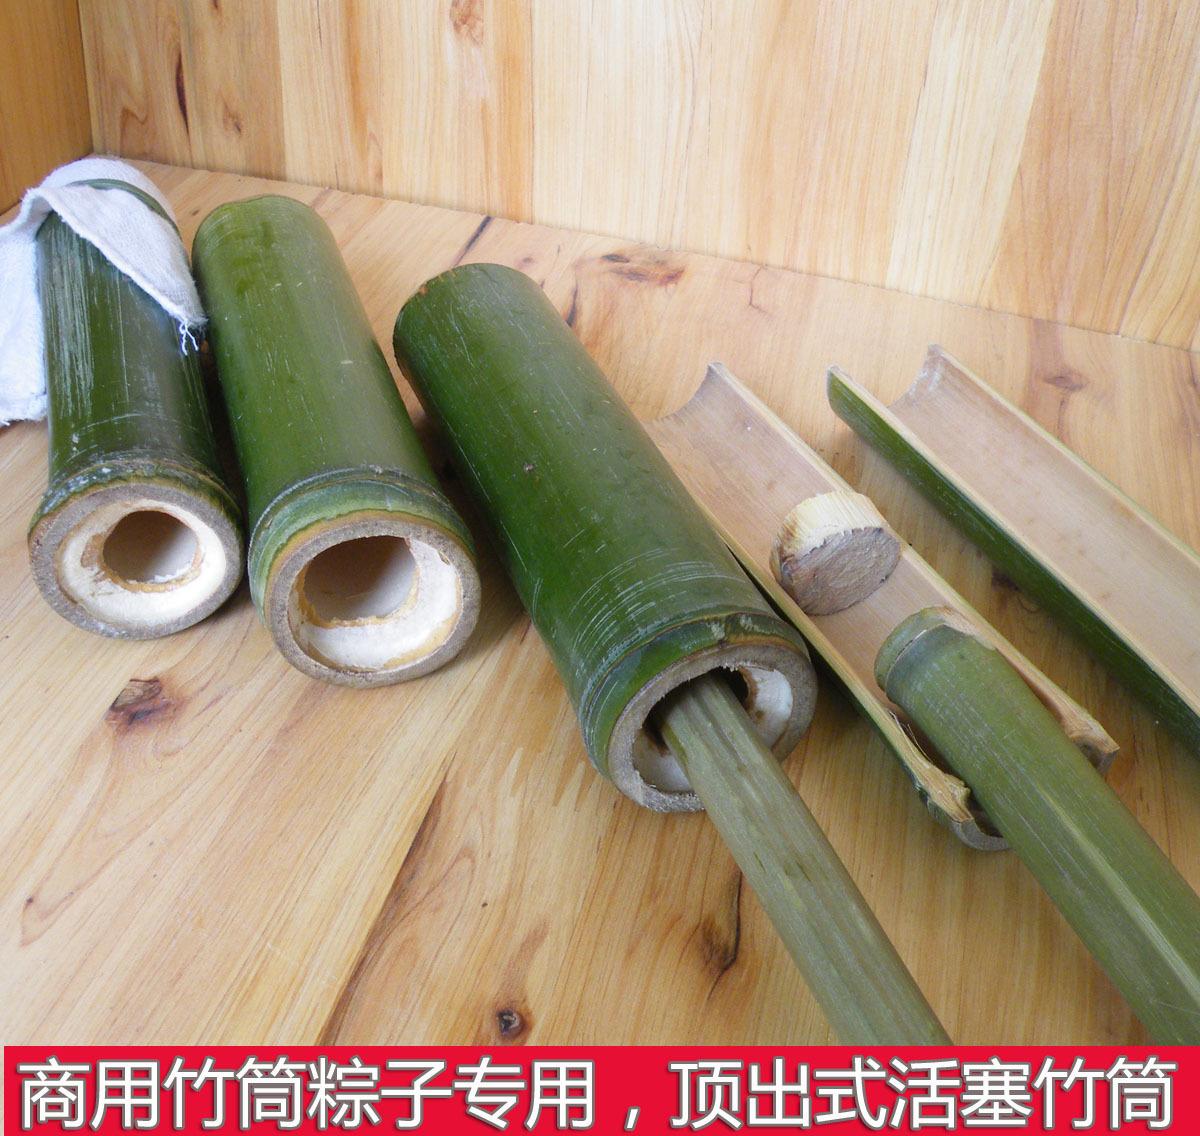 新鲜竹筒粽子 活塞式顶出竹筒商用专用 定做定制